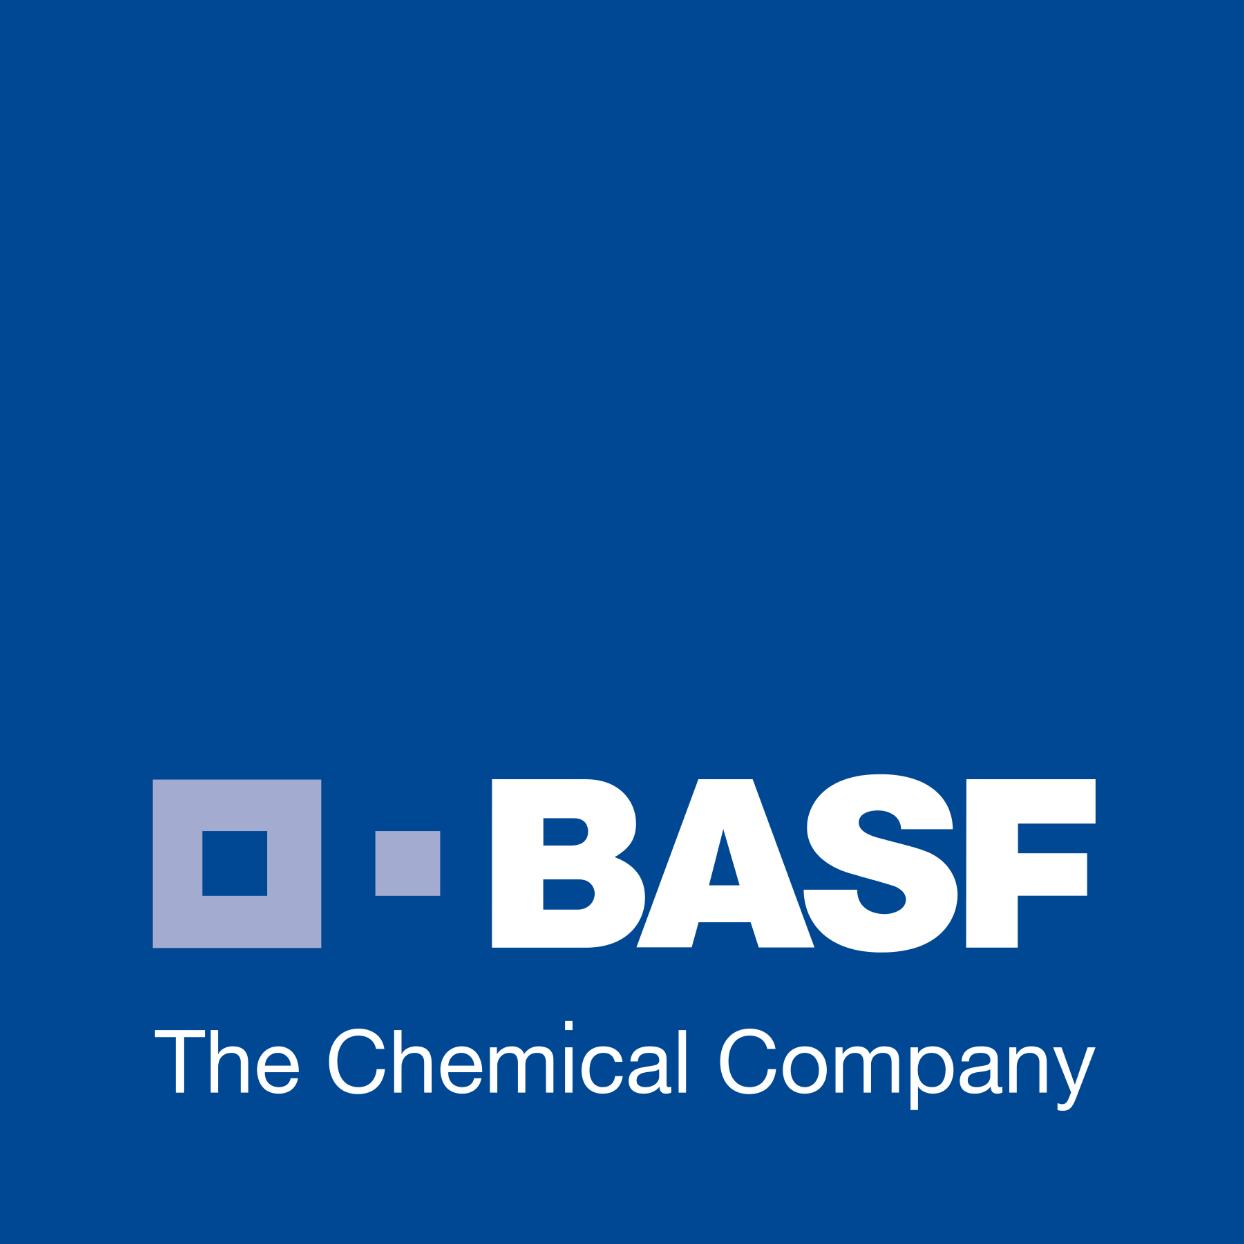 basf-logo-1